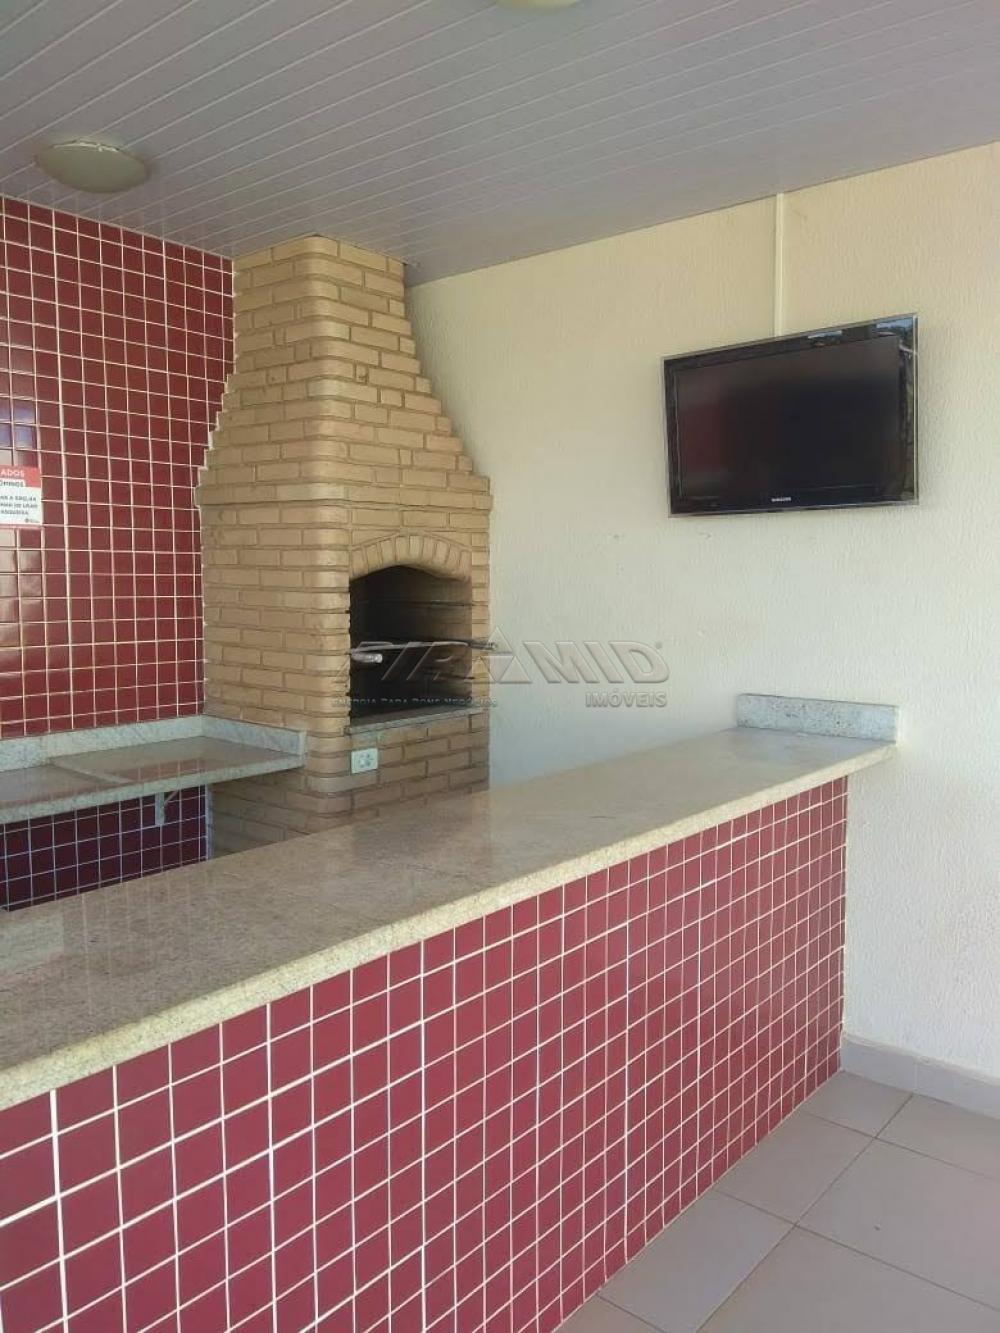 Comprar Apartamento / Padrão em Ribeirão Preto R$ 215.000,00 - Foto 25